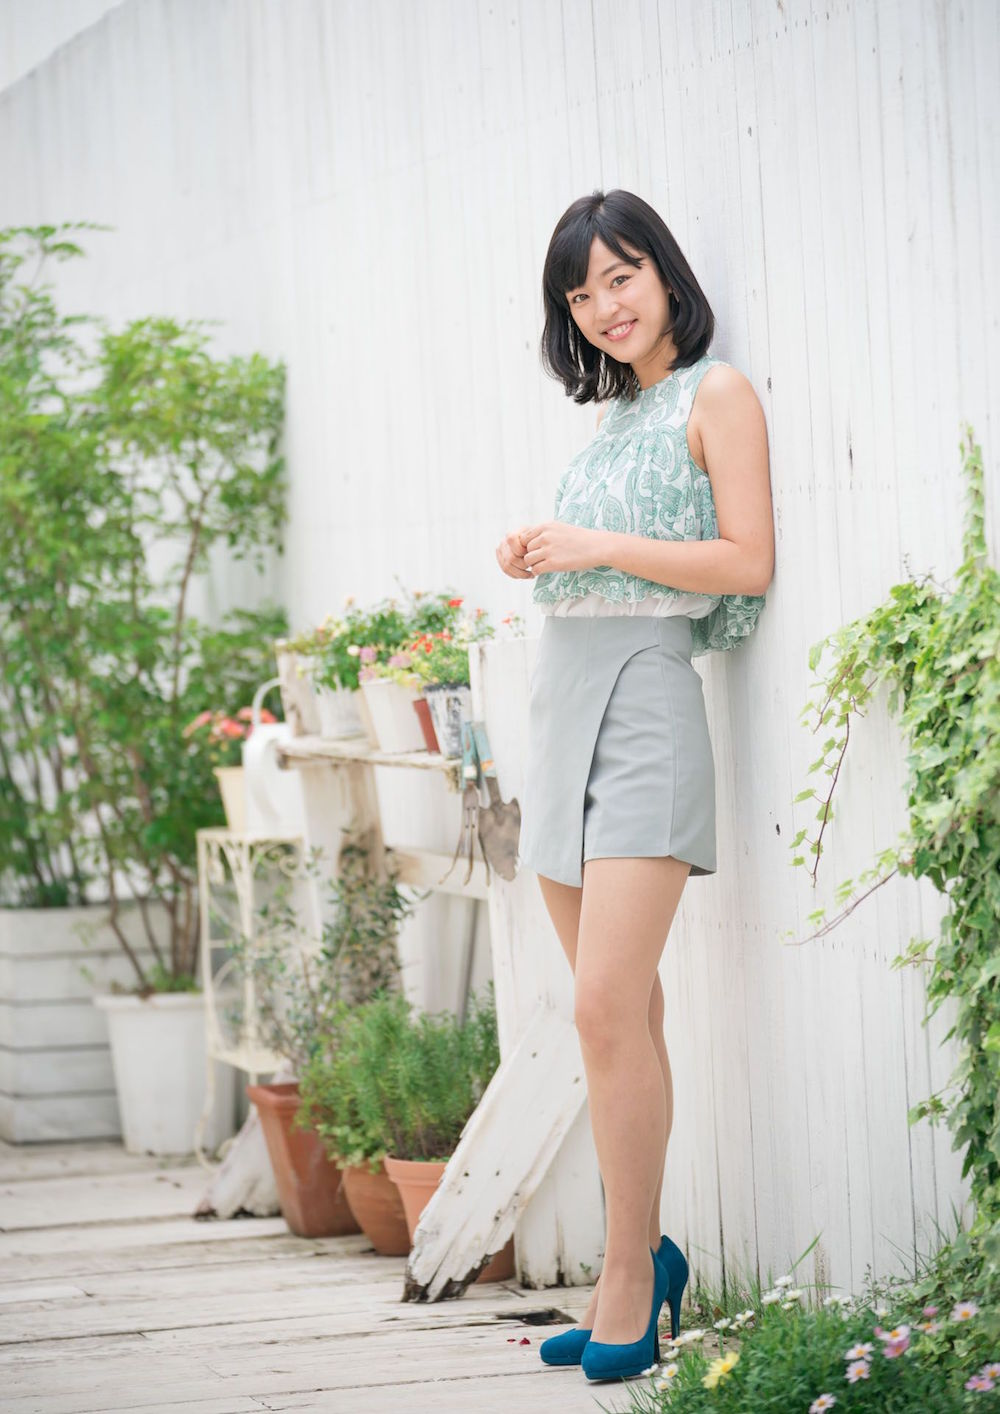 神田朝香/『女子大生キャスター大図鑑』(撮影・根本好伸/文藝春秋)より